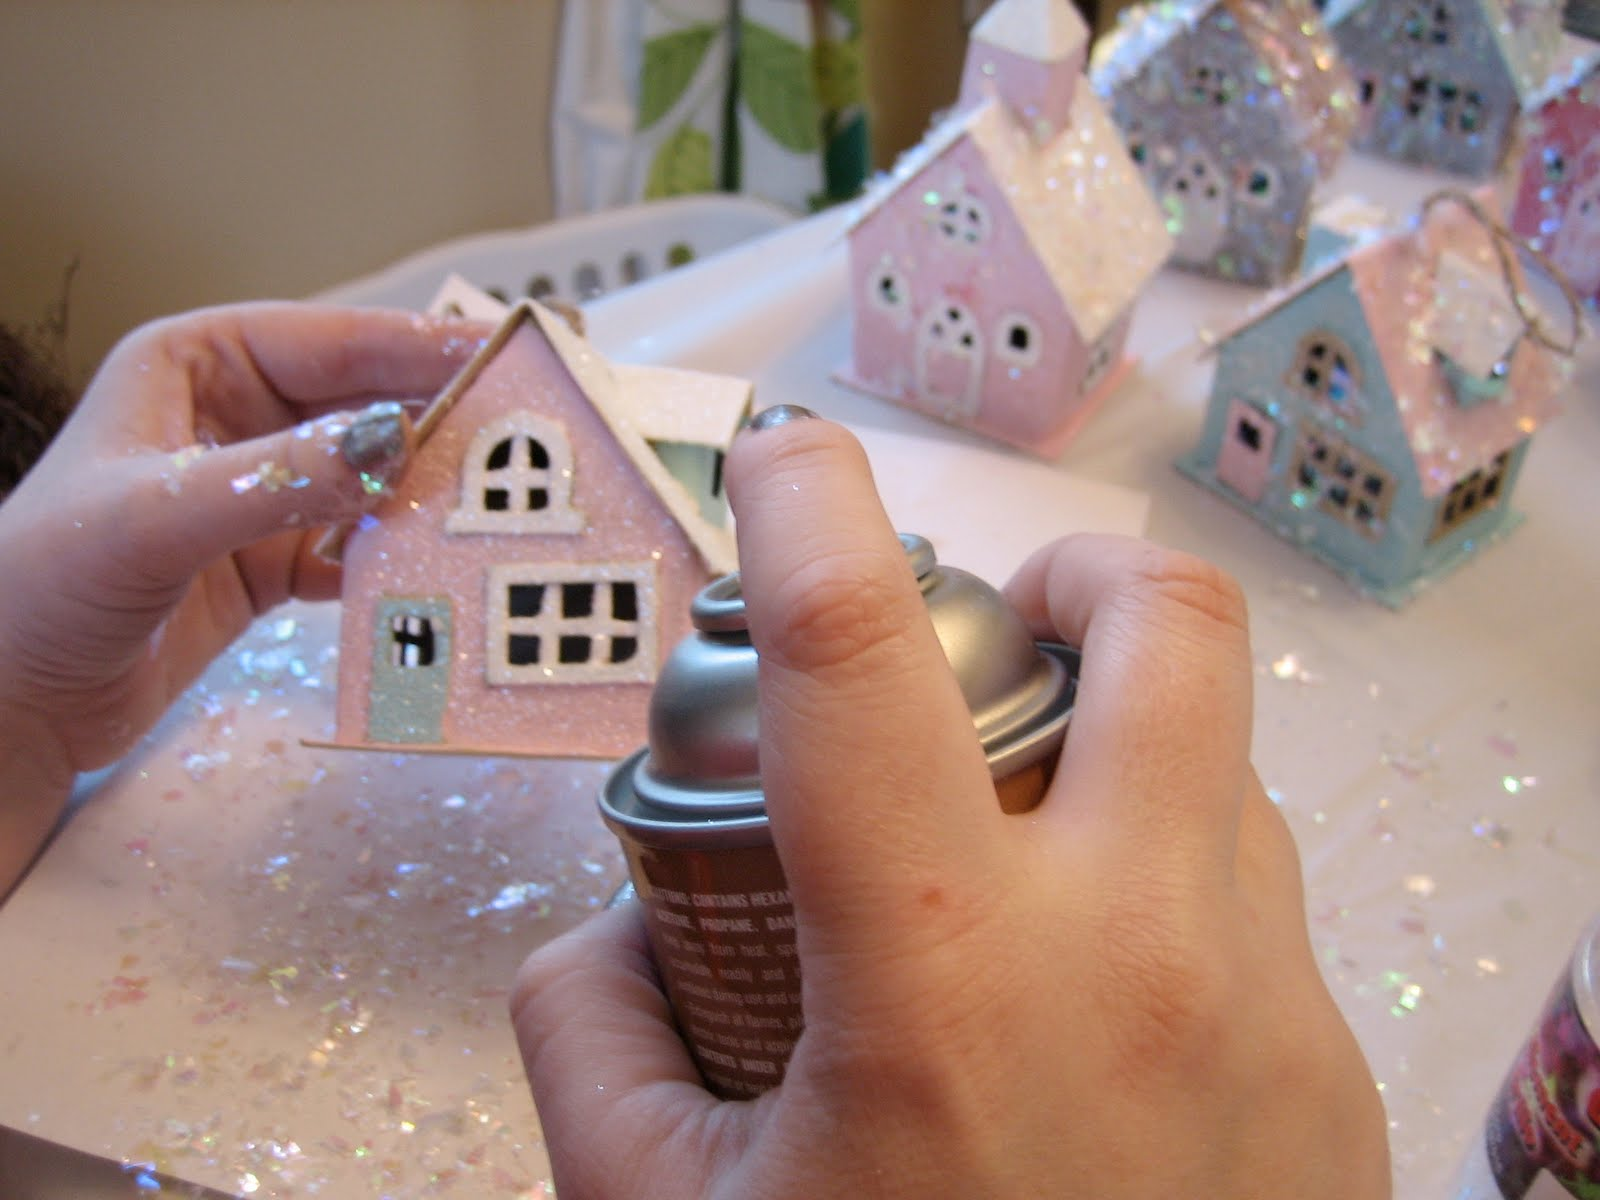 #8D5A3E Pink Cupcake Vintage: DIY: Glitter Houses 5927 décoration de noel maison miniature 1600x1200 px @ aertt.com